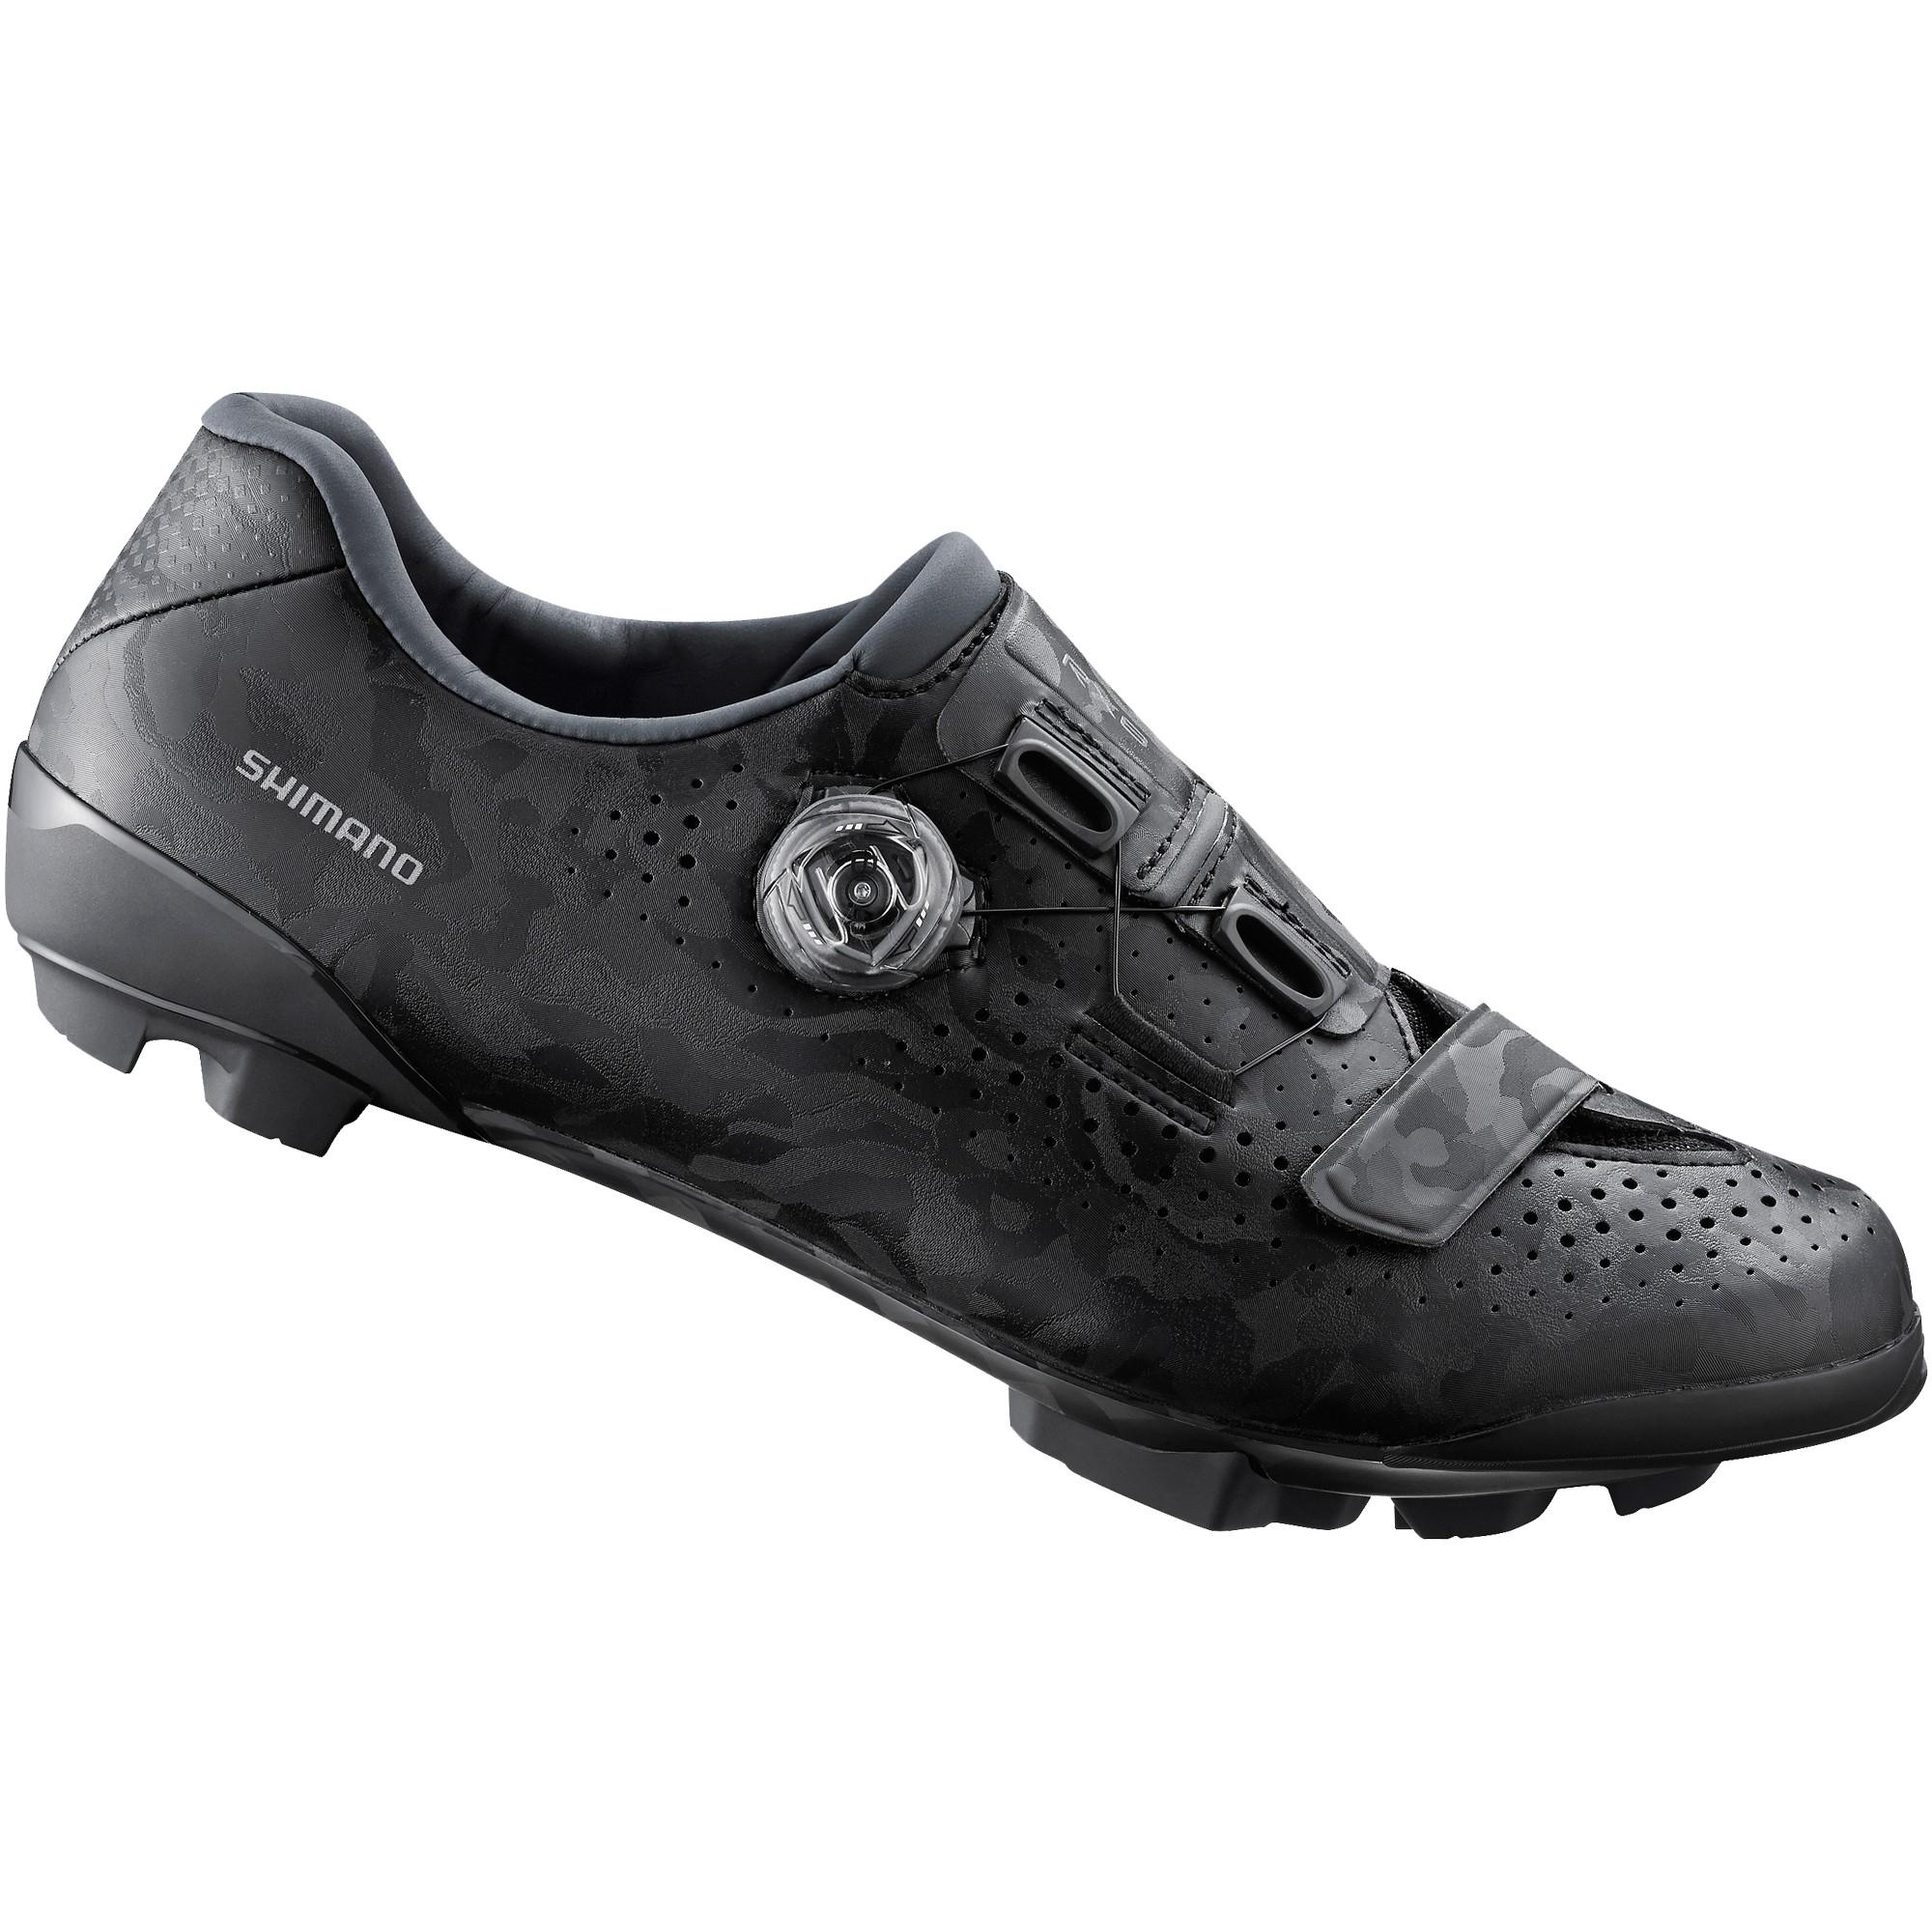 lightweight spd shoes